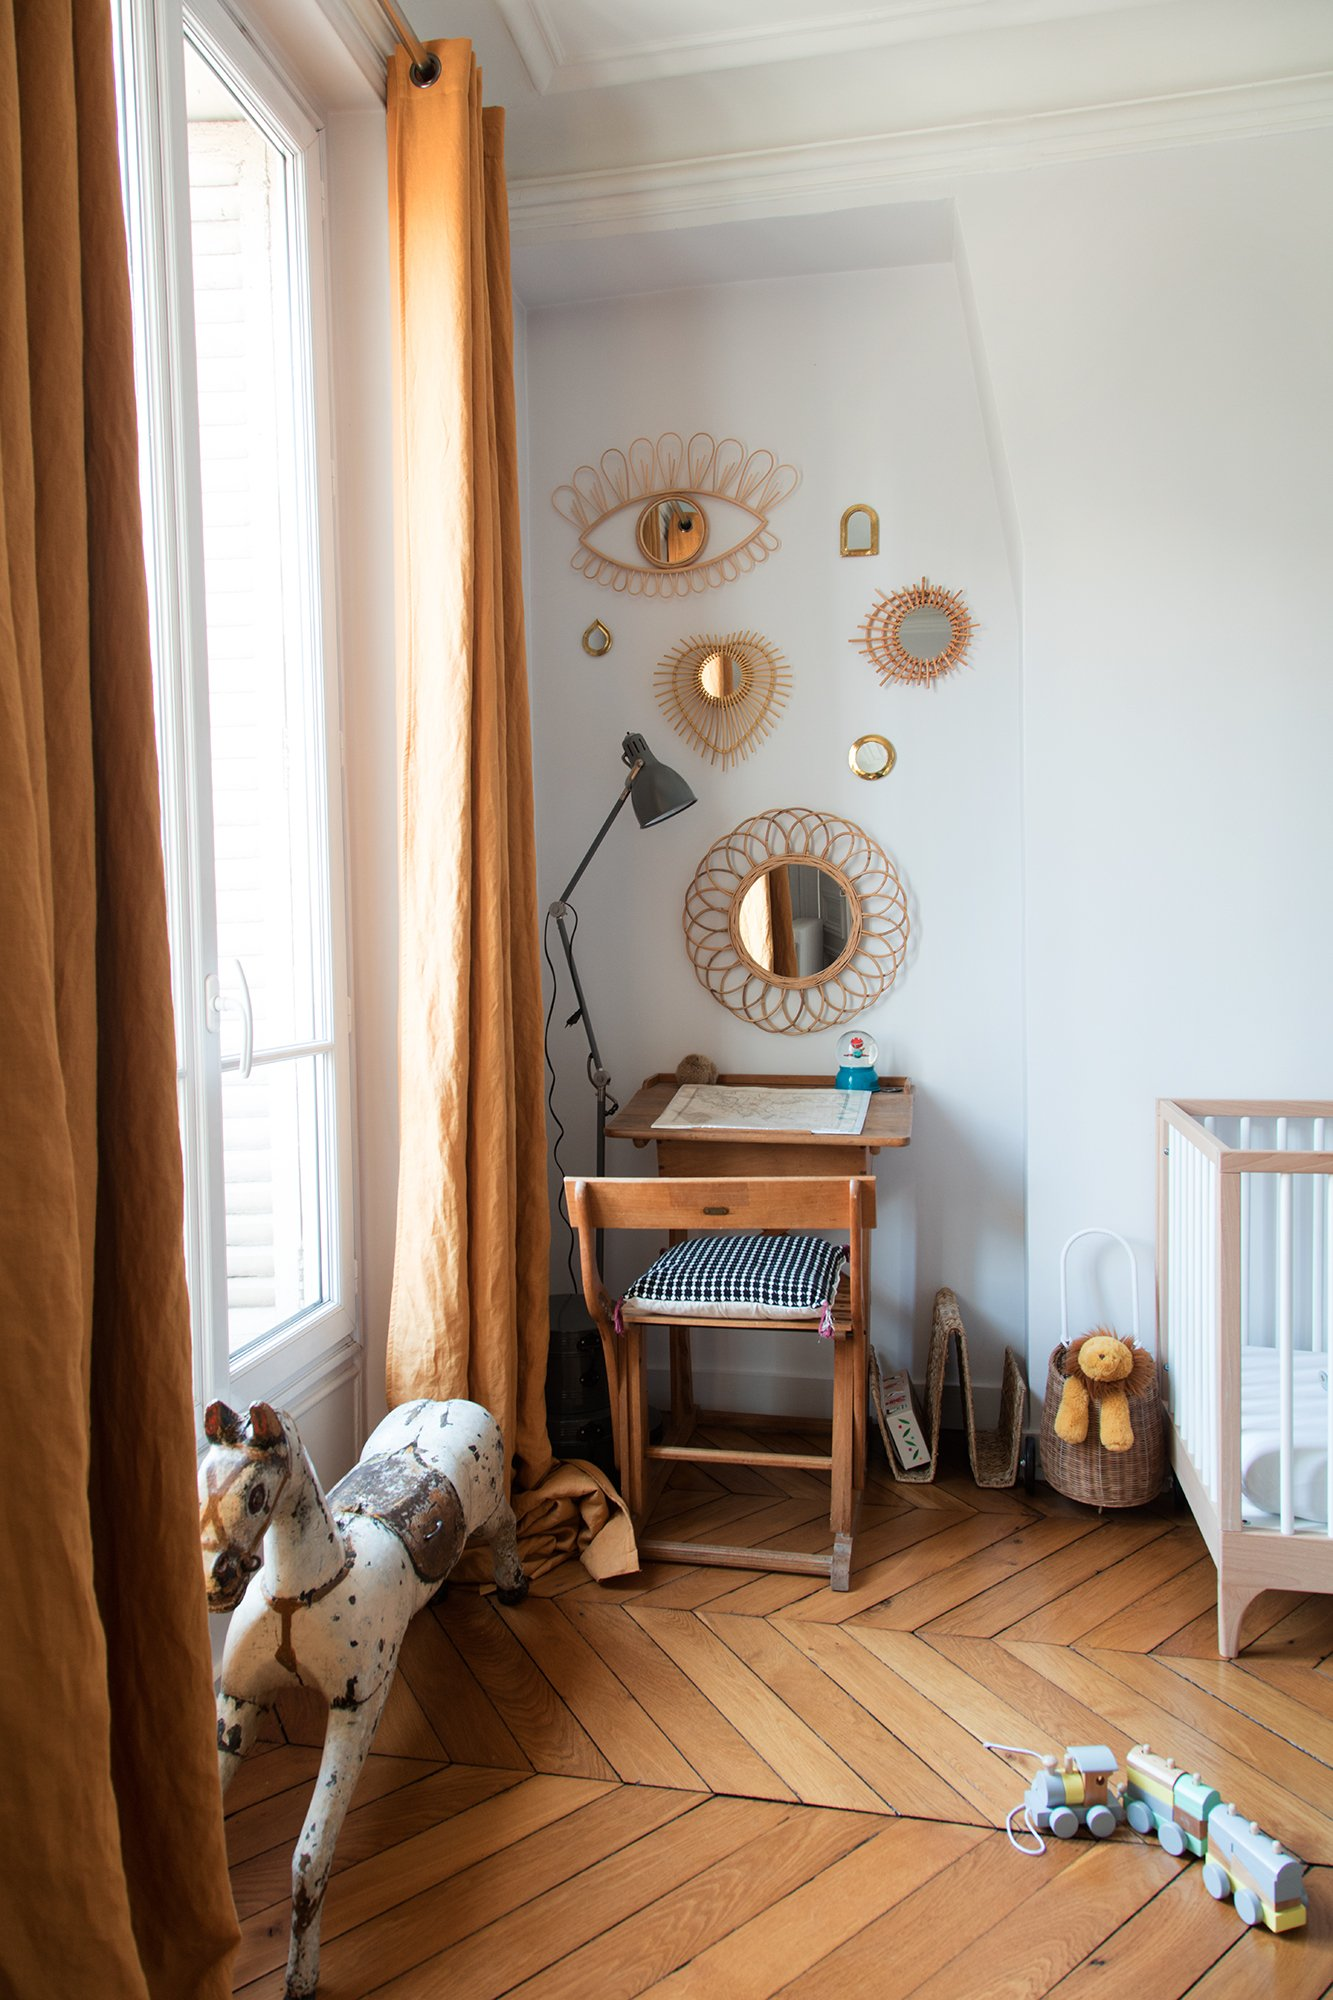 Chambre Bébé Appartement Paris 10ème arrondissement Famille Darya Shodjaie Kopp et Grégoire